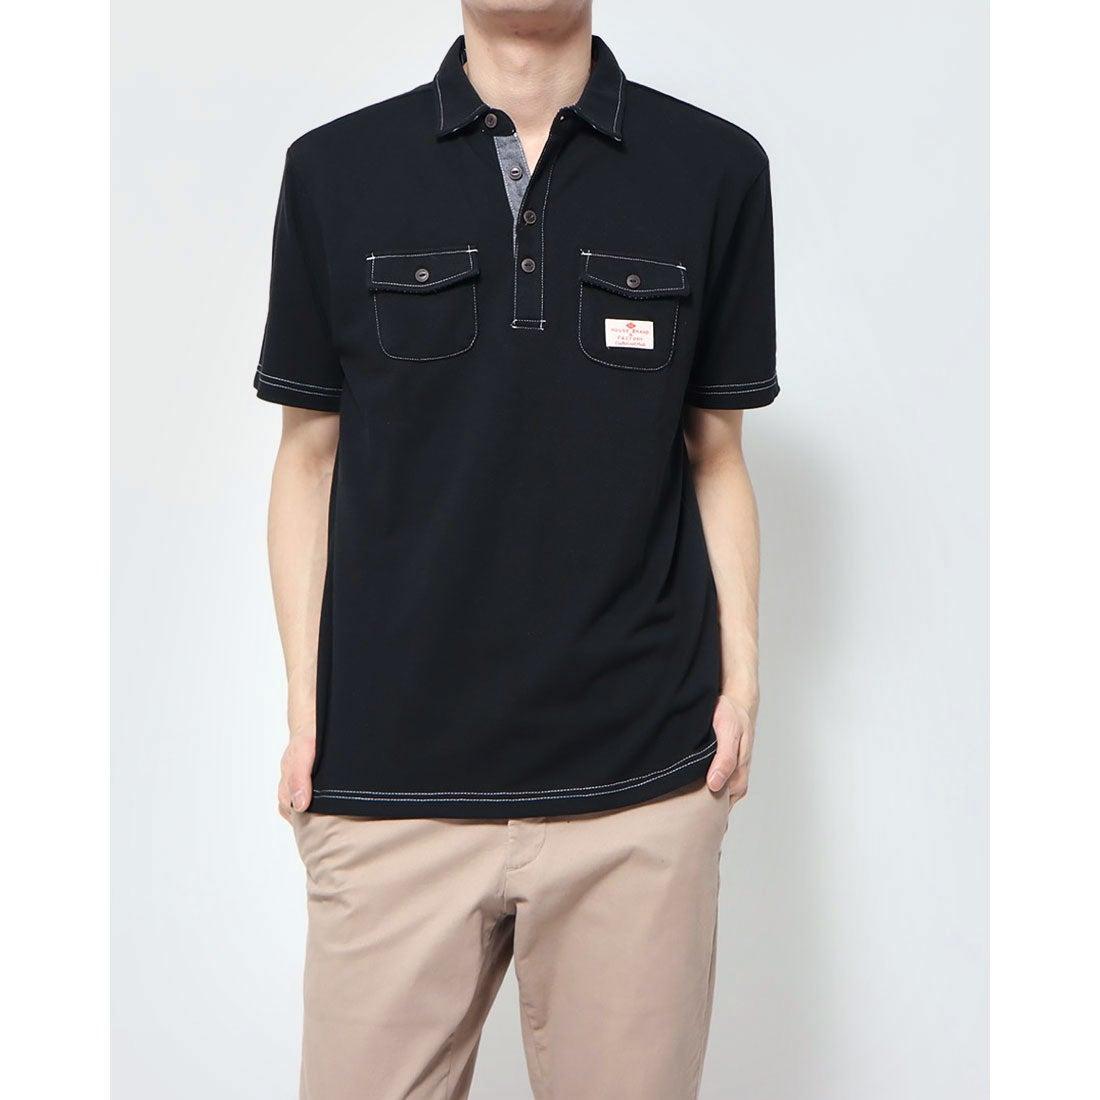 ロコンド 靴とファッションの通販サイトスタイルブロック STYLEBLOCK カノコ配色ステッチワークポロシャツ (ブラック)